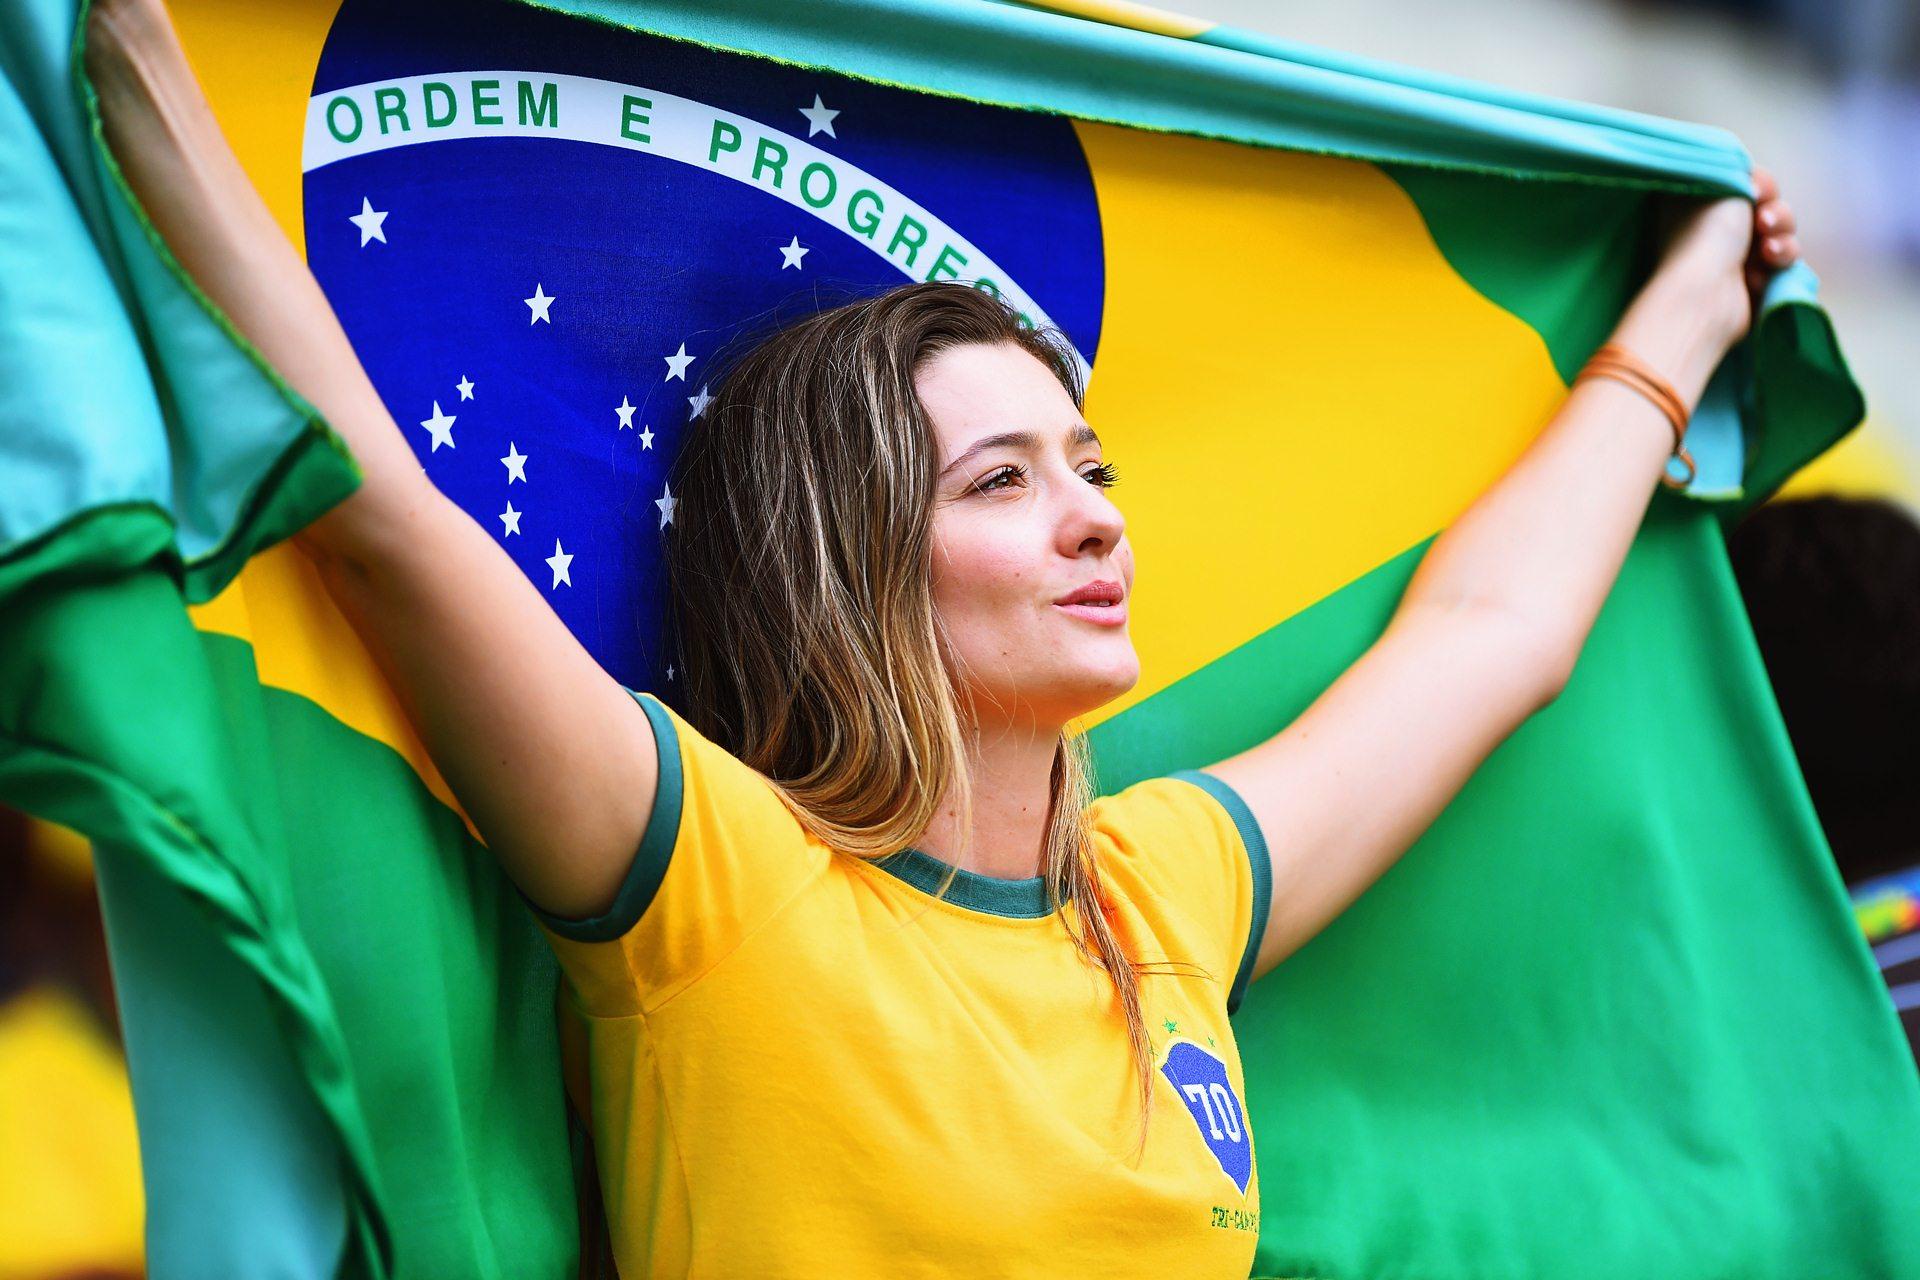 صور بنات البرازيل , بنات البرازيل ودورها الفعال فى المجتمع البرازيلى